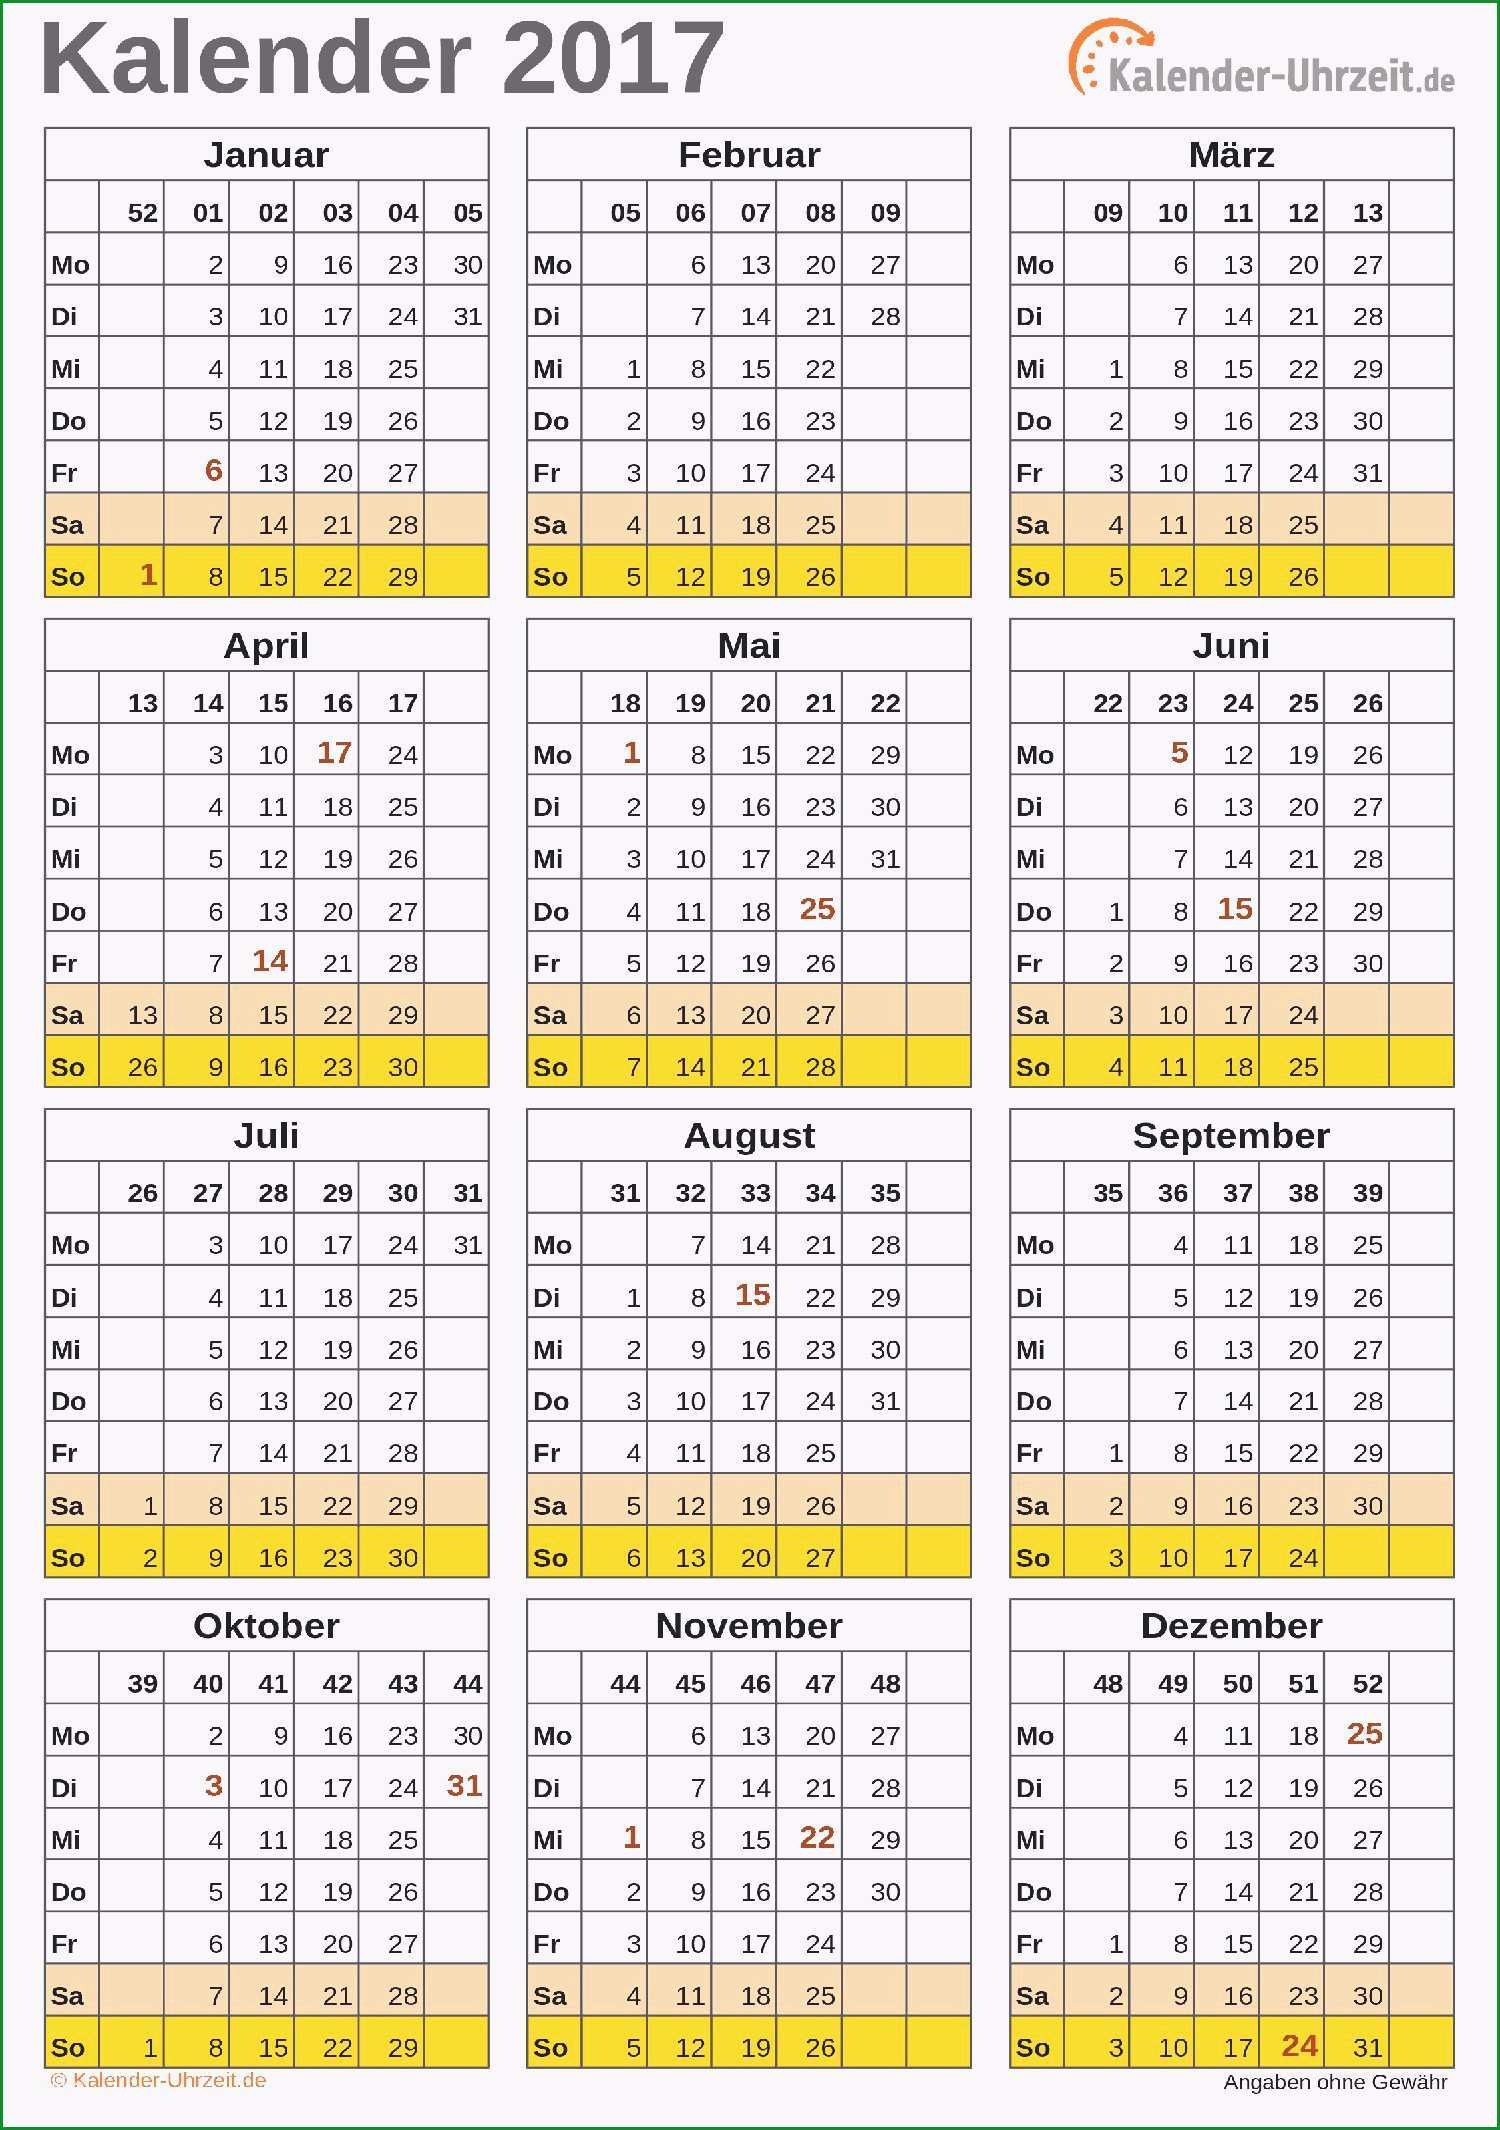 kalender selber gestalten 2017 fotografie fotokalender 2017 vorlage